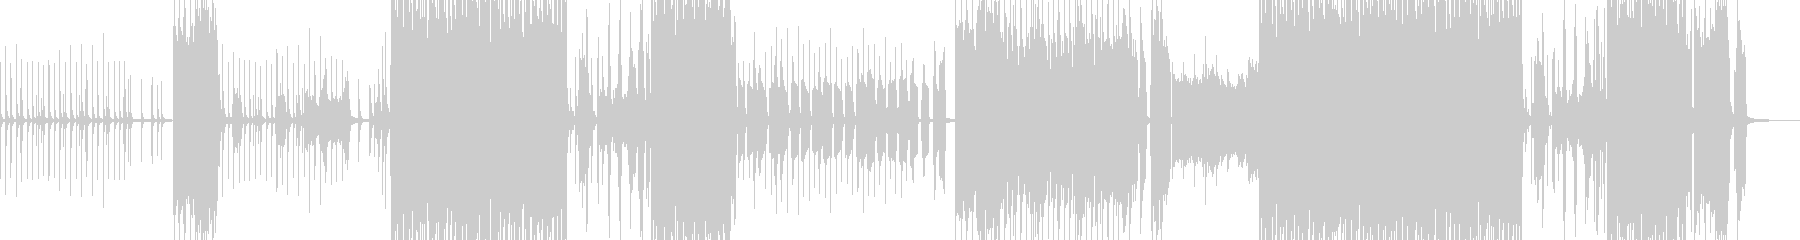 ダークメルヘンなカントリーロック ★の未再生の波形